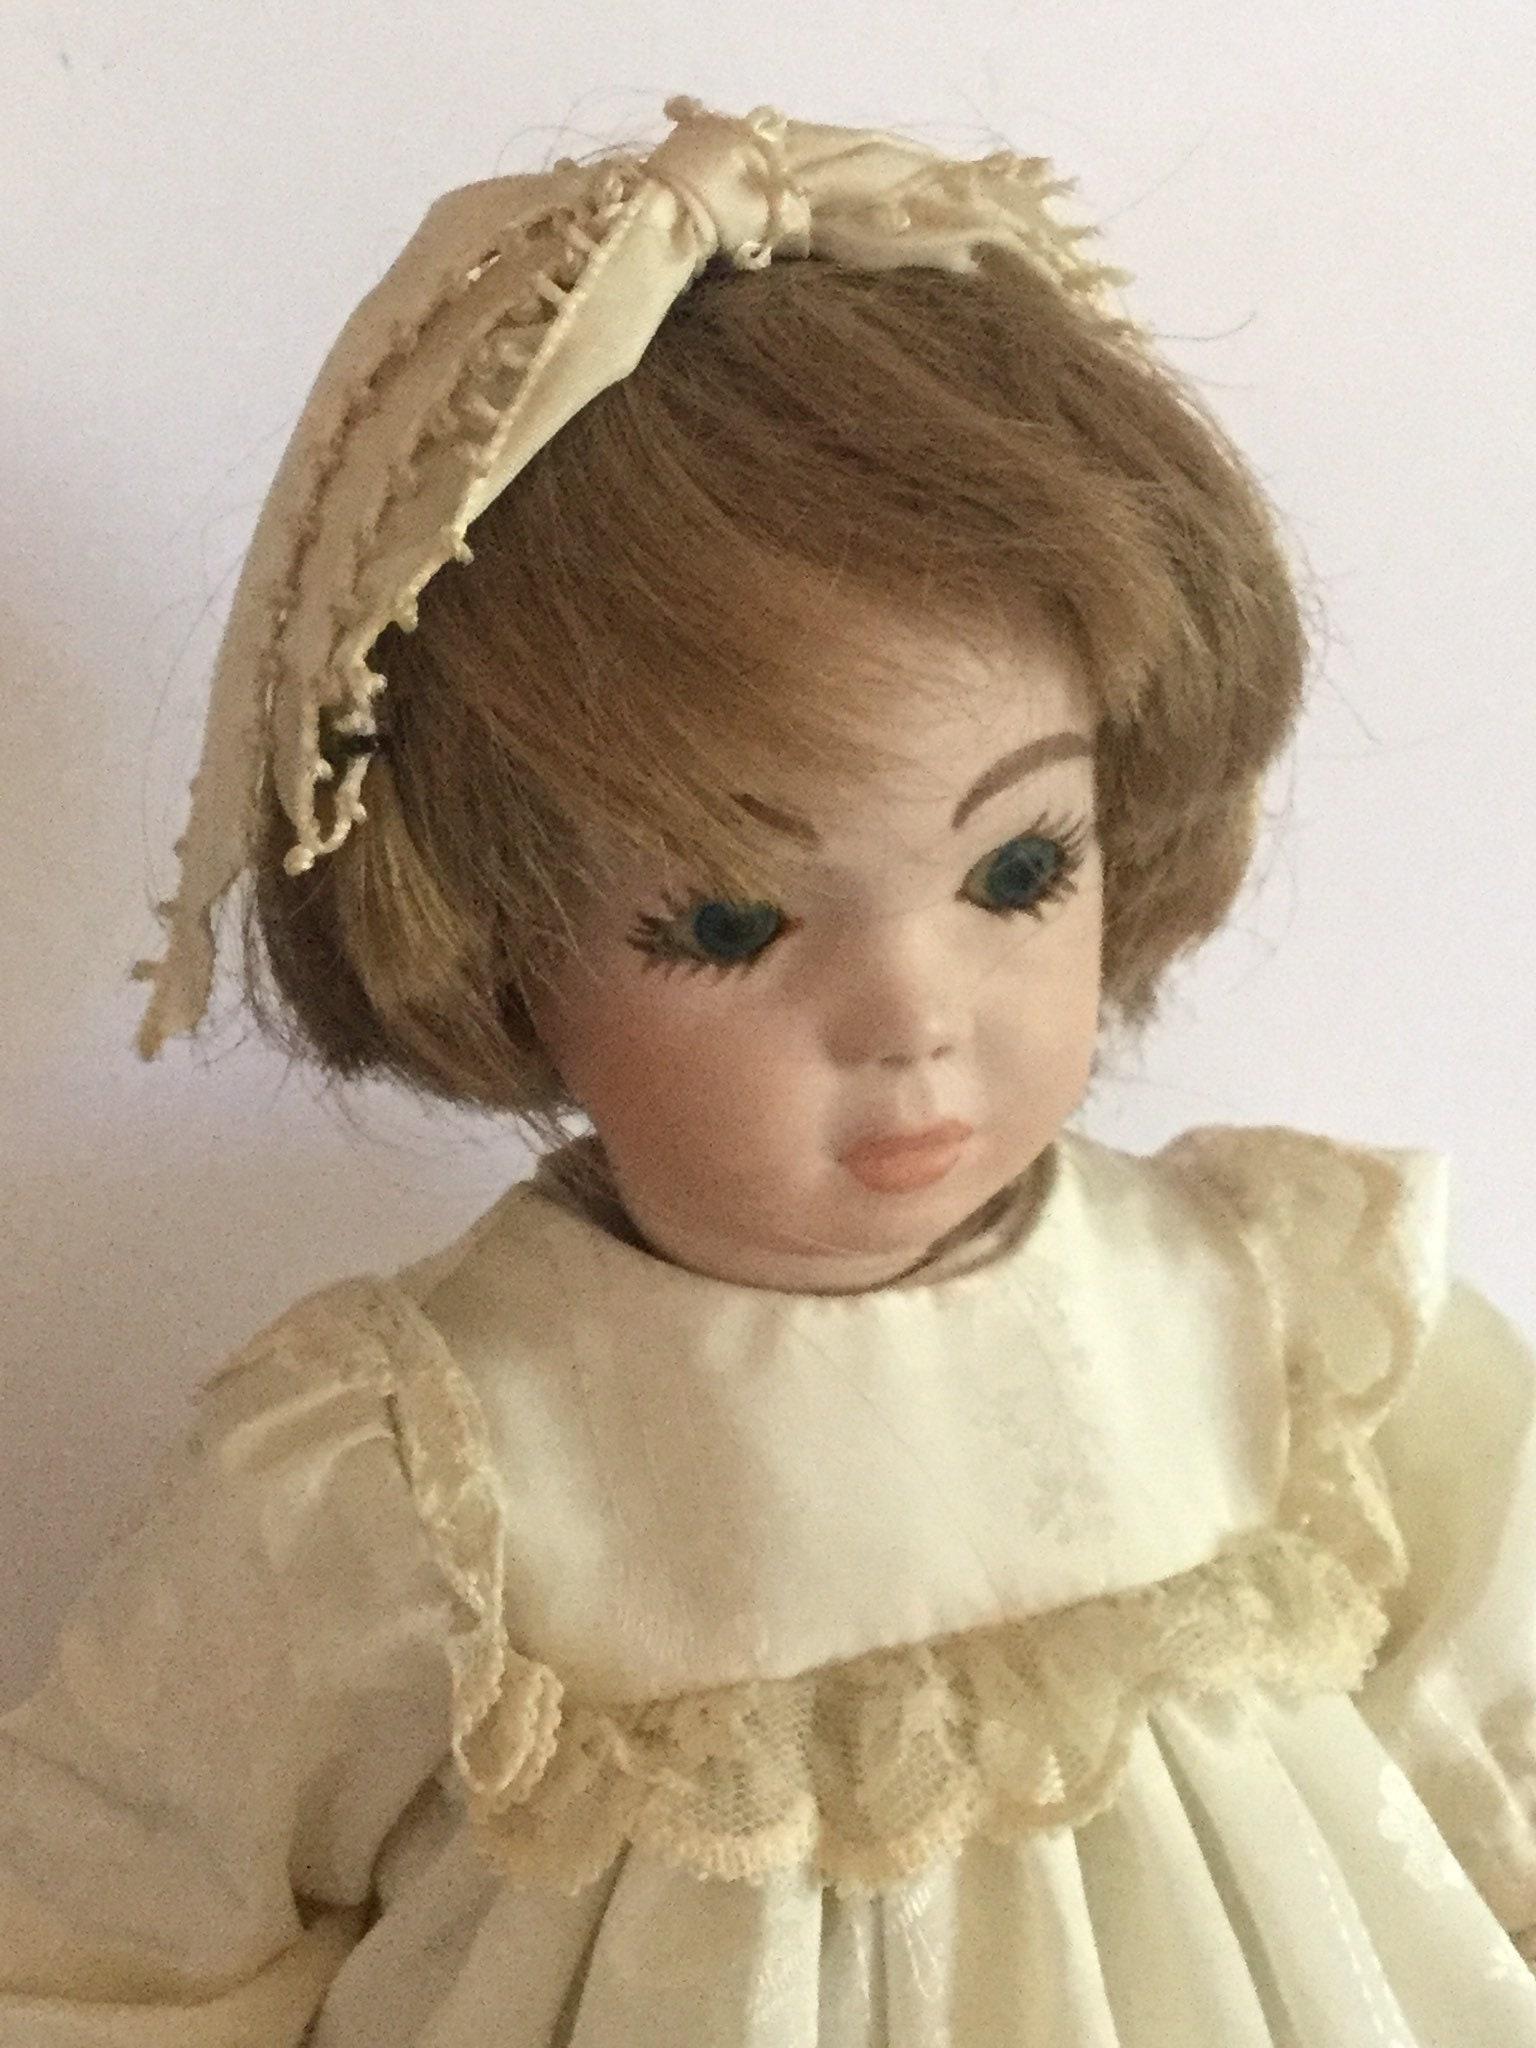 Antique & Vintage Doll Clothes & Fashion Accs German style shoes 4 antique  bisque vintage composition doll 3 1/4